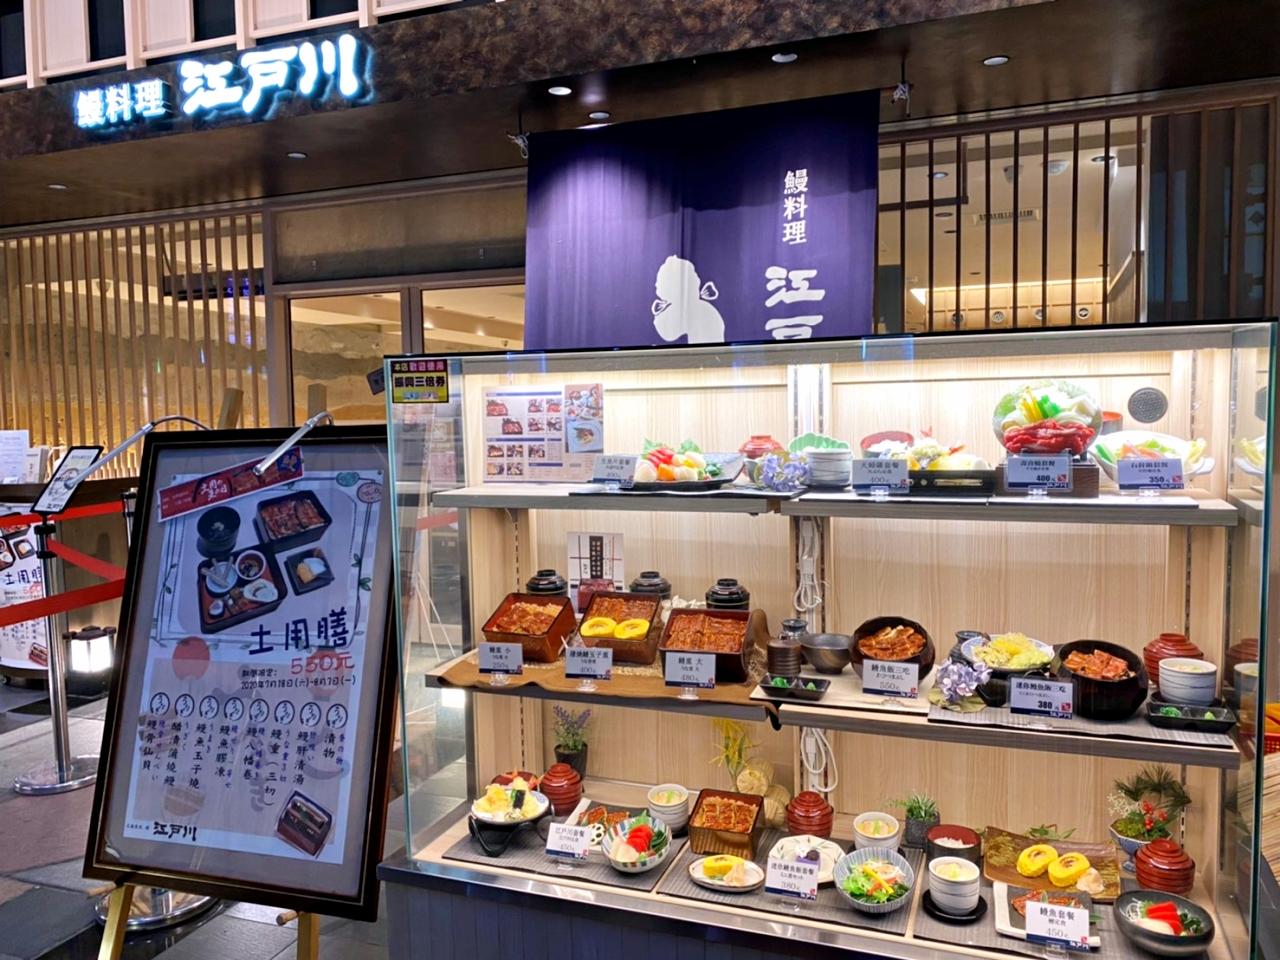 京都鰻魚名店「鰻料理江戶川」,台北中山北路就能吃的到-捷運中山站